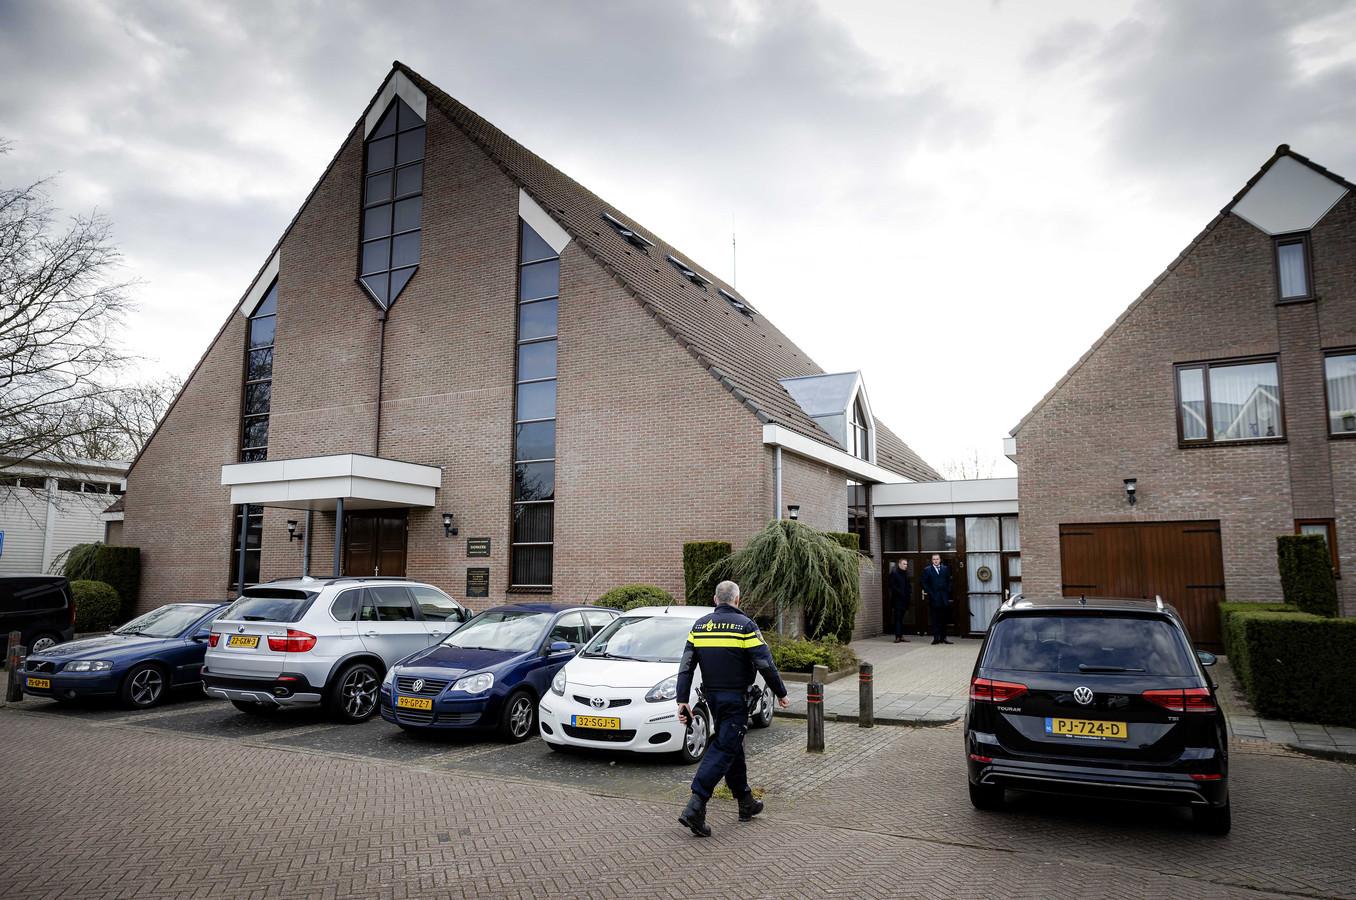 Een politieagent bij de Sionkerk. De Urker Sionkerk heeft besloten de beperkende landelijke coronamaatregelen op te heffen zodat het gebouw weer volledig is opengesteld voor kerkgangers.